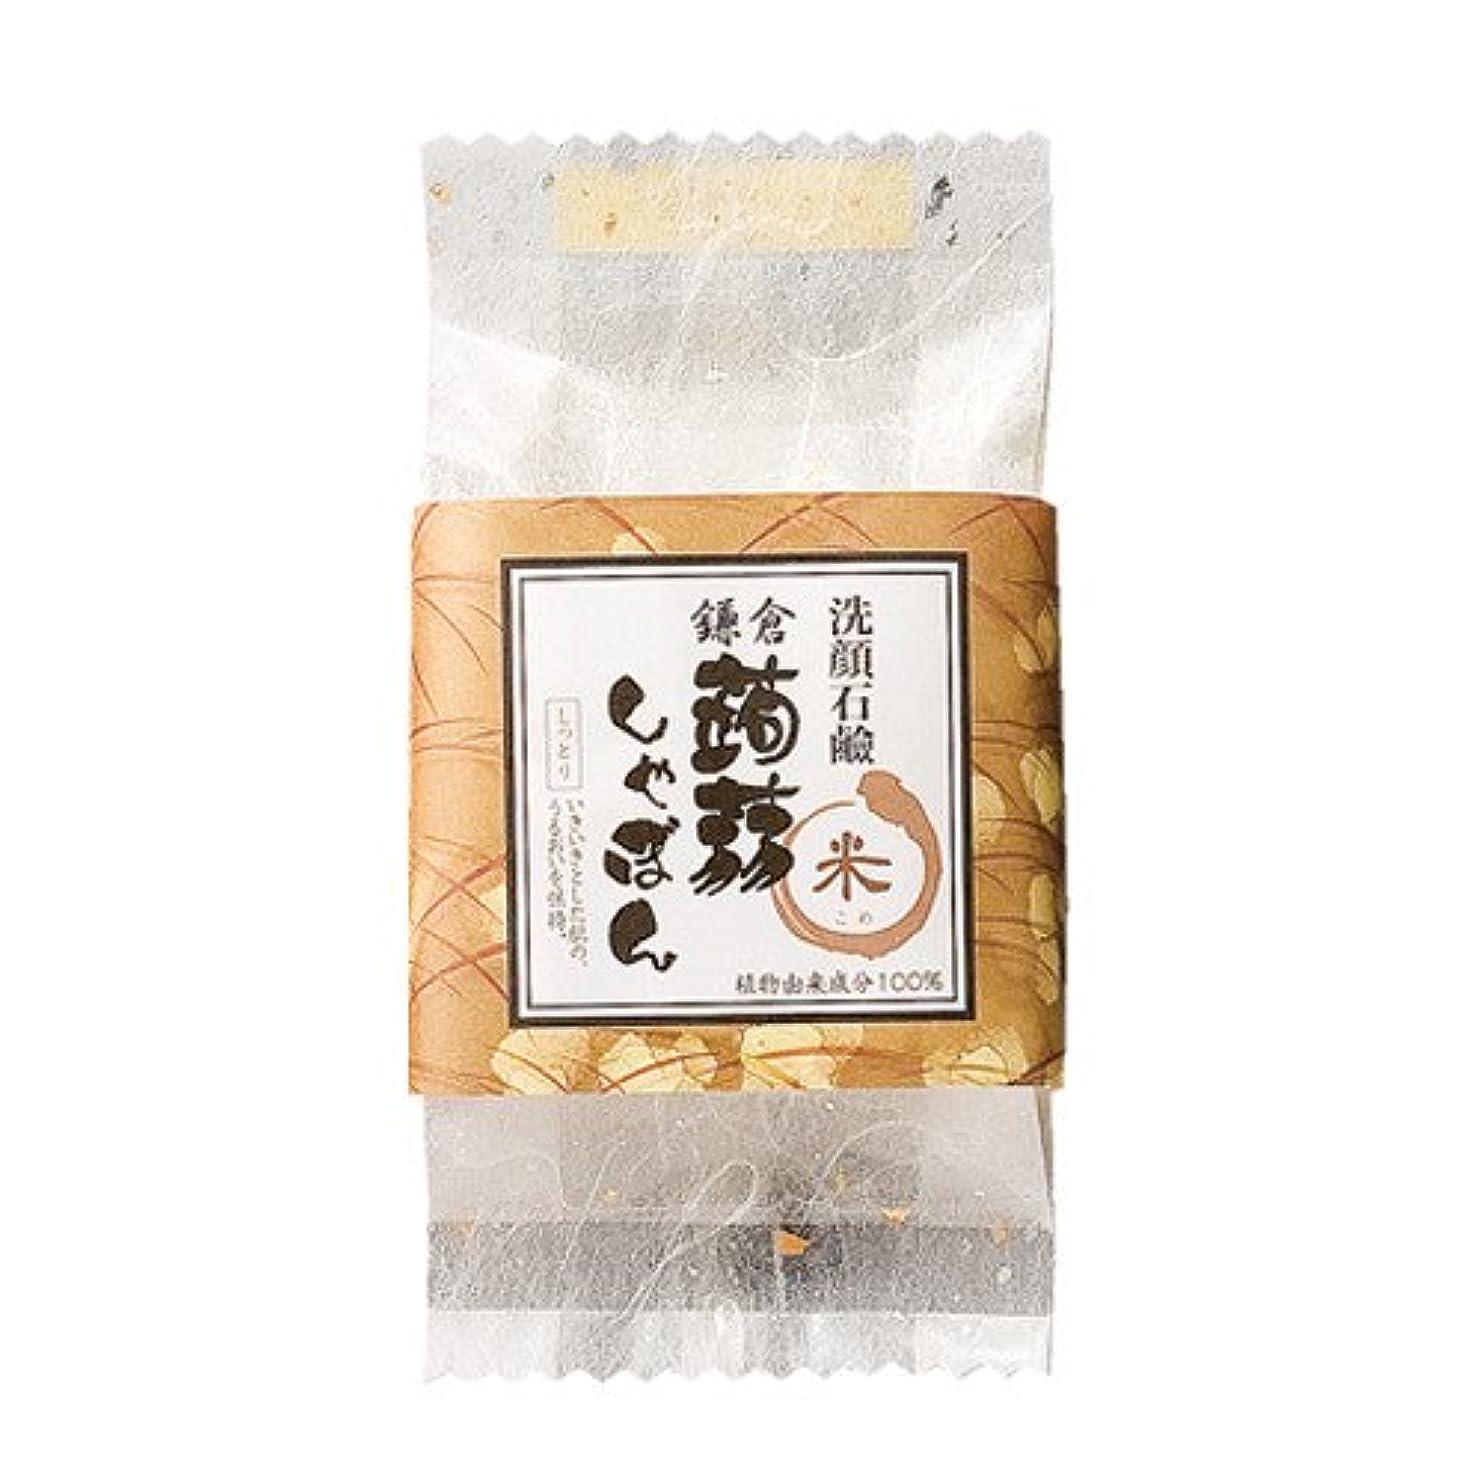 小説コンパス力学鎌倉 蒟蒻しゃぼん 米